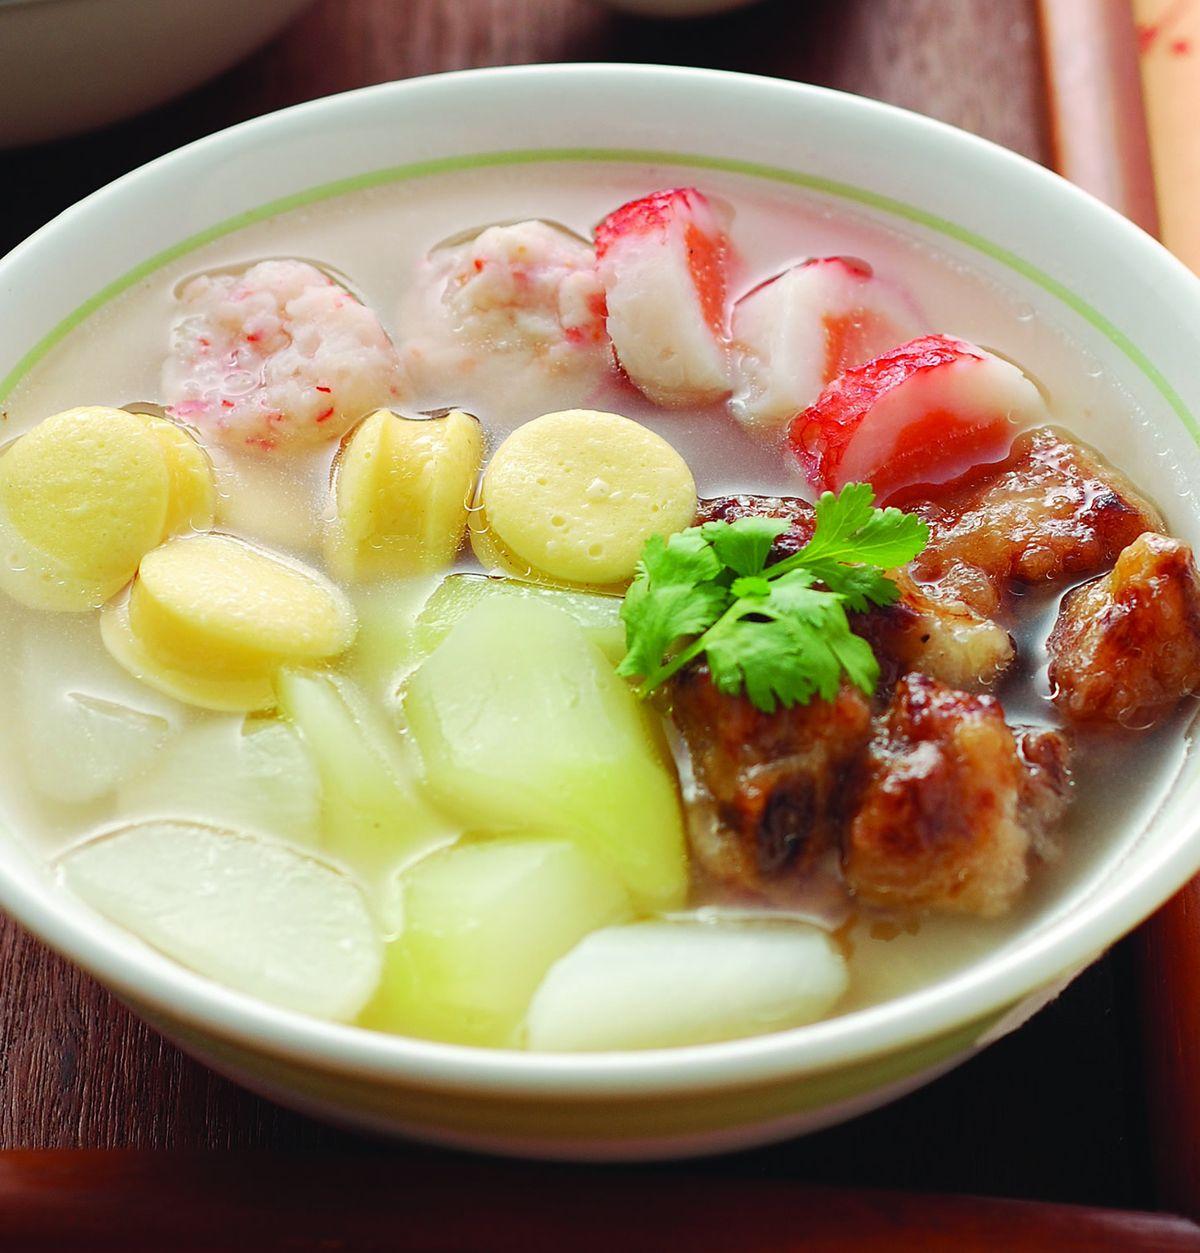 食譜:團圓蘿蔔排骨湯